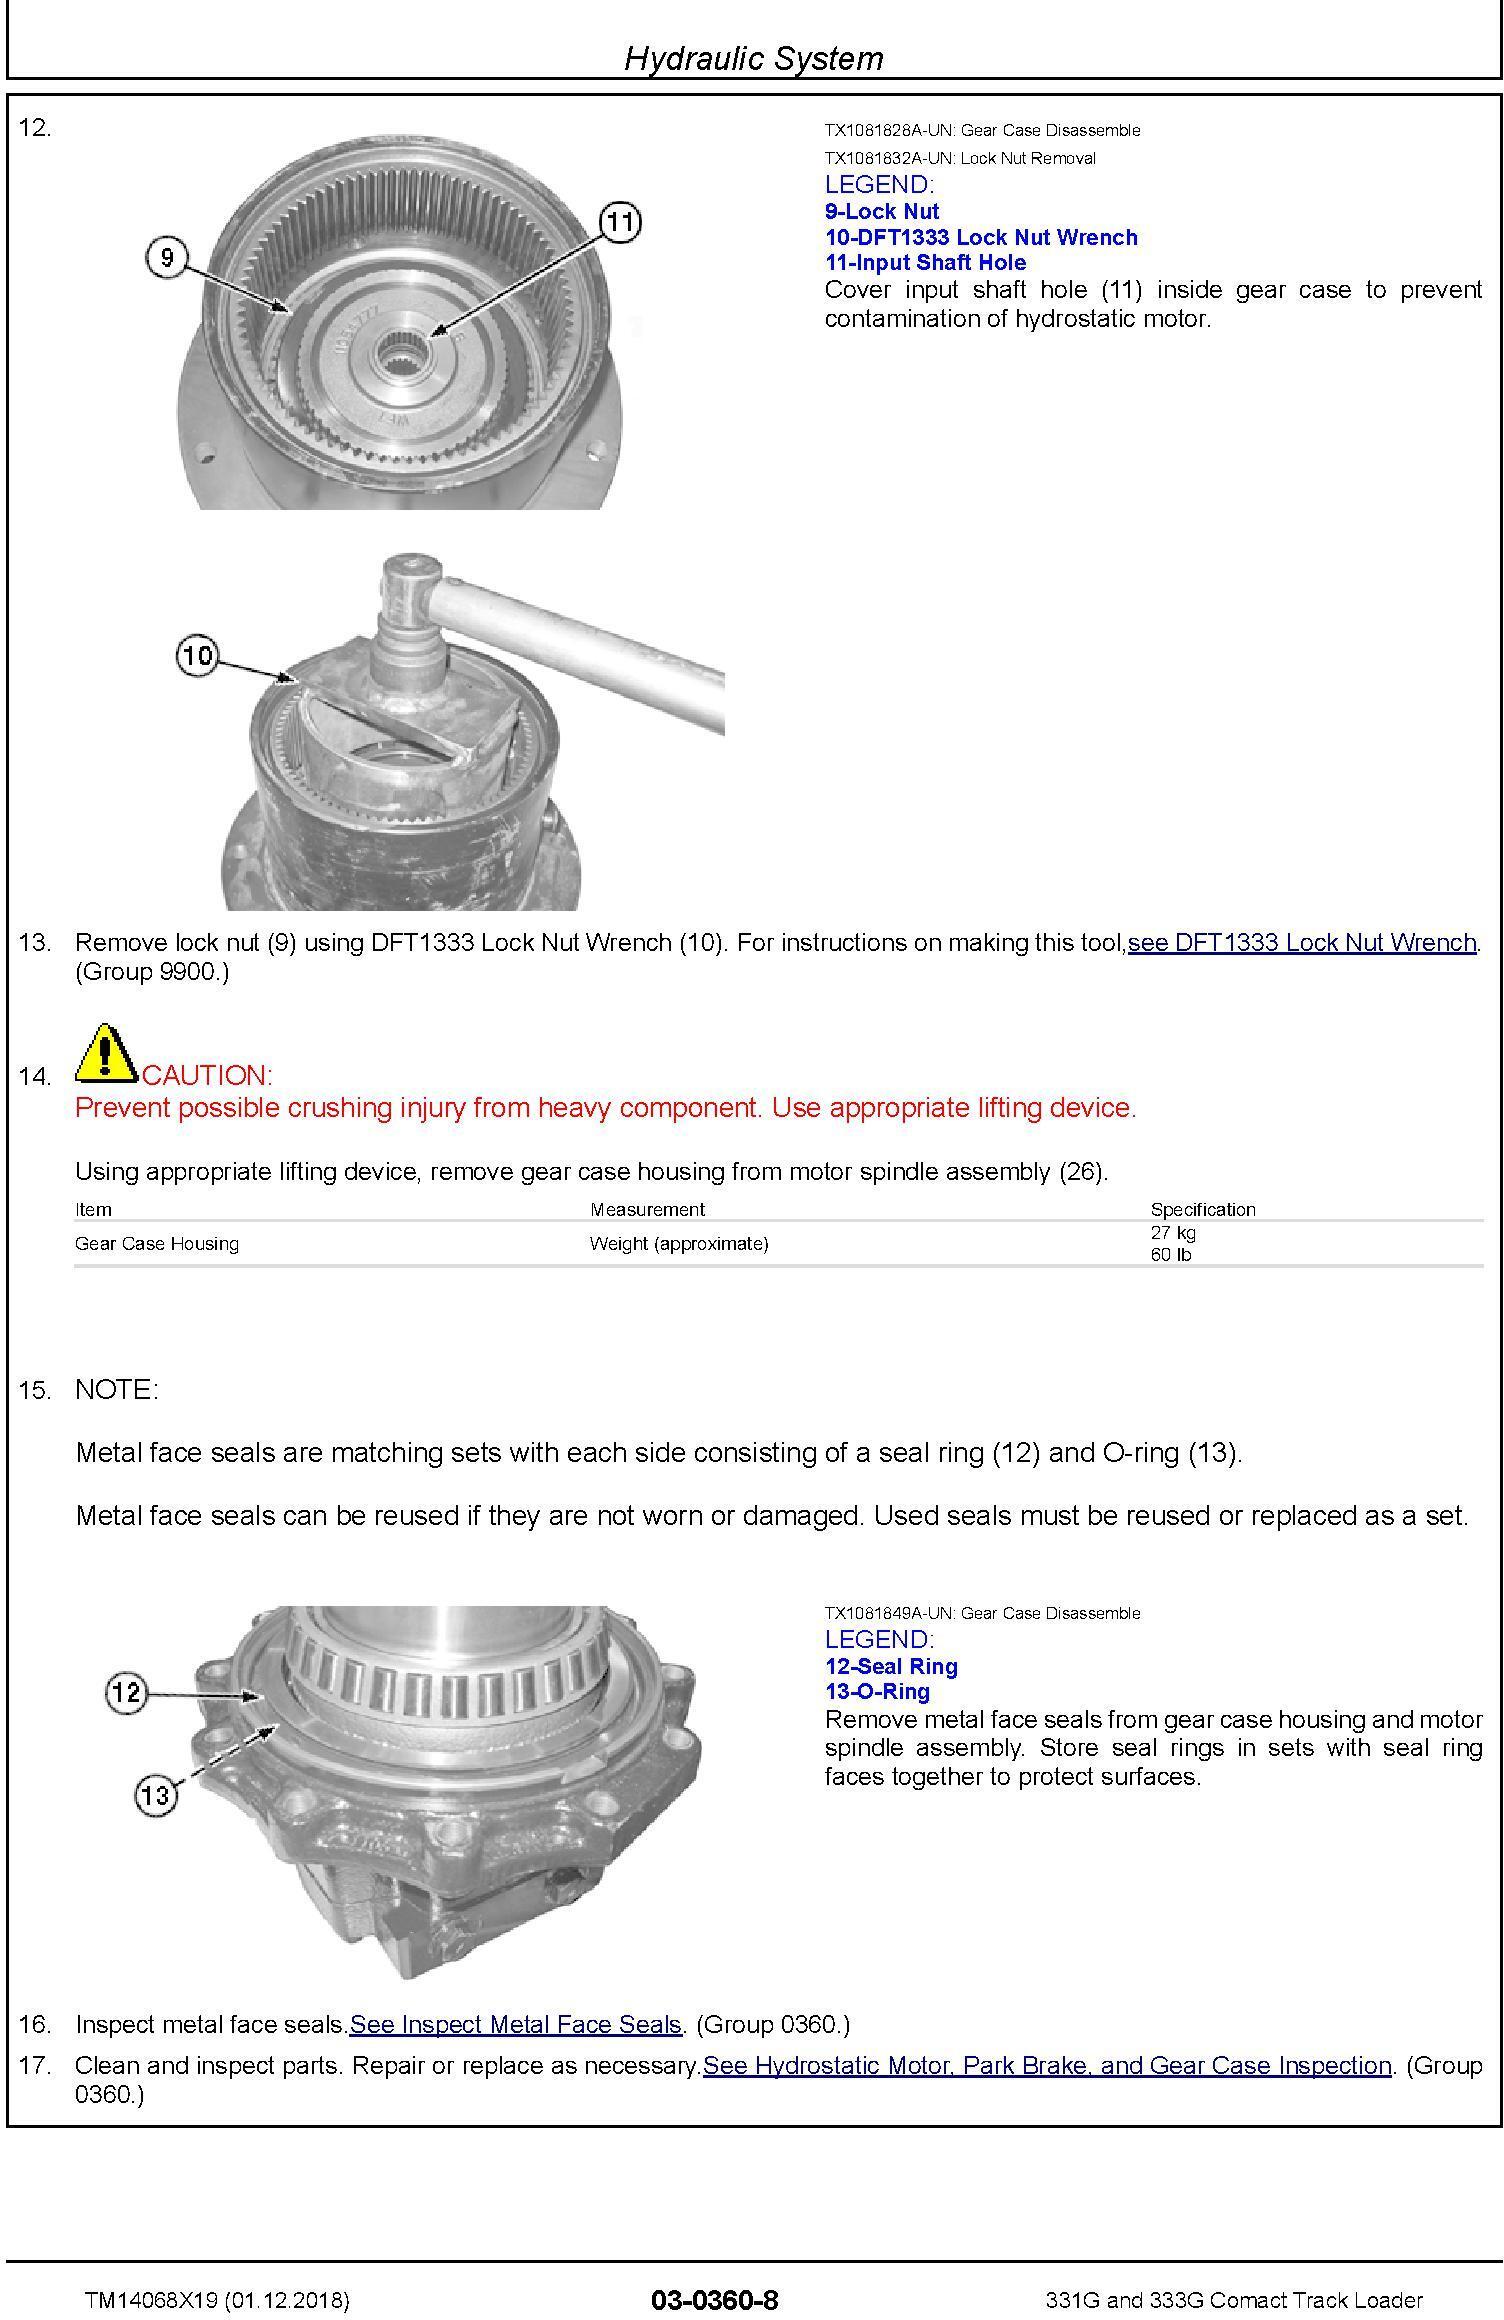 John Deere 331G and 333G Comact Track Loader Repair Service Manual (TM14068X19) - 1